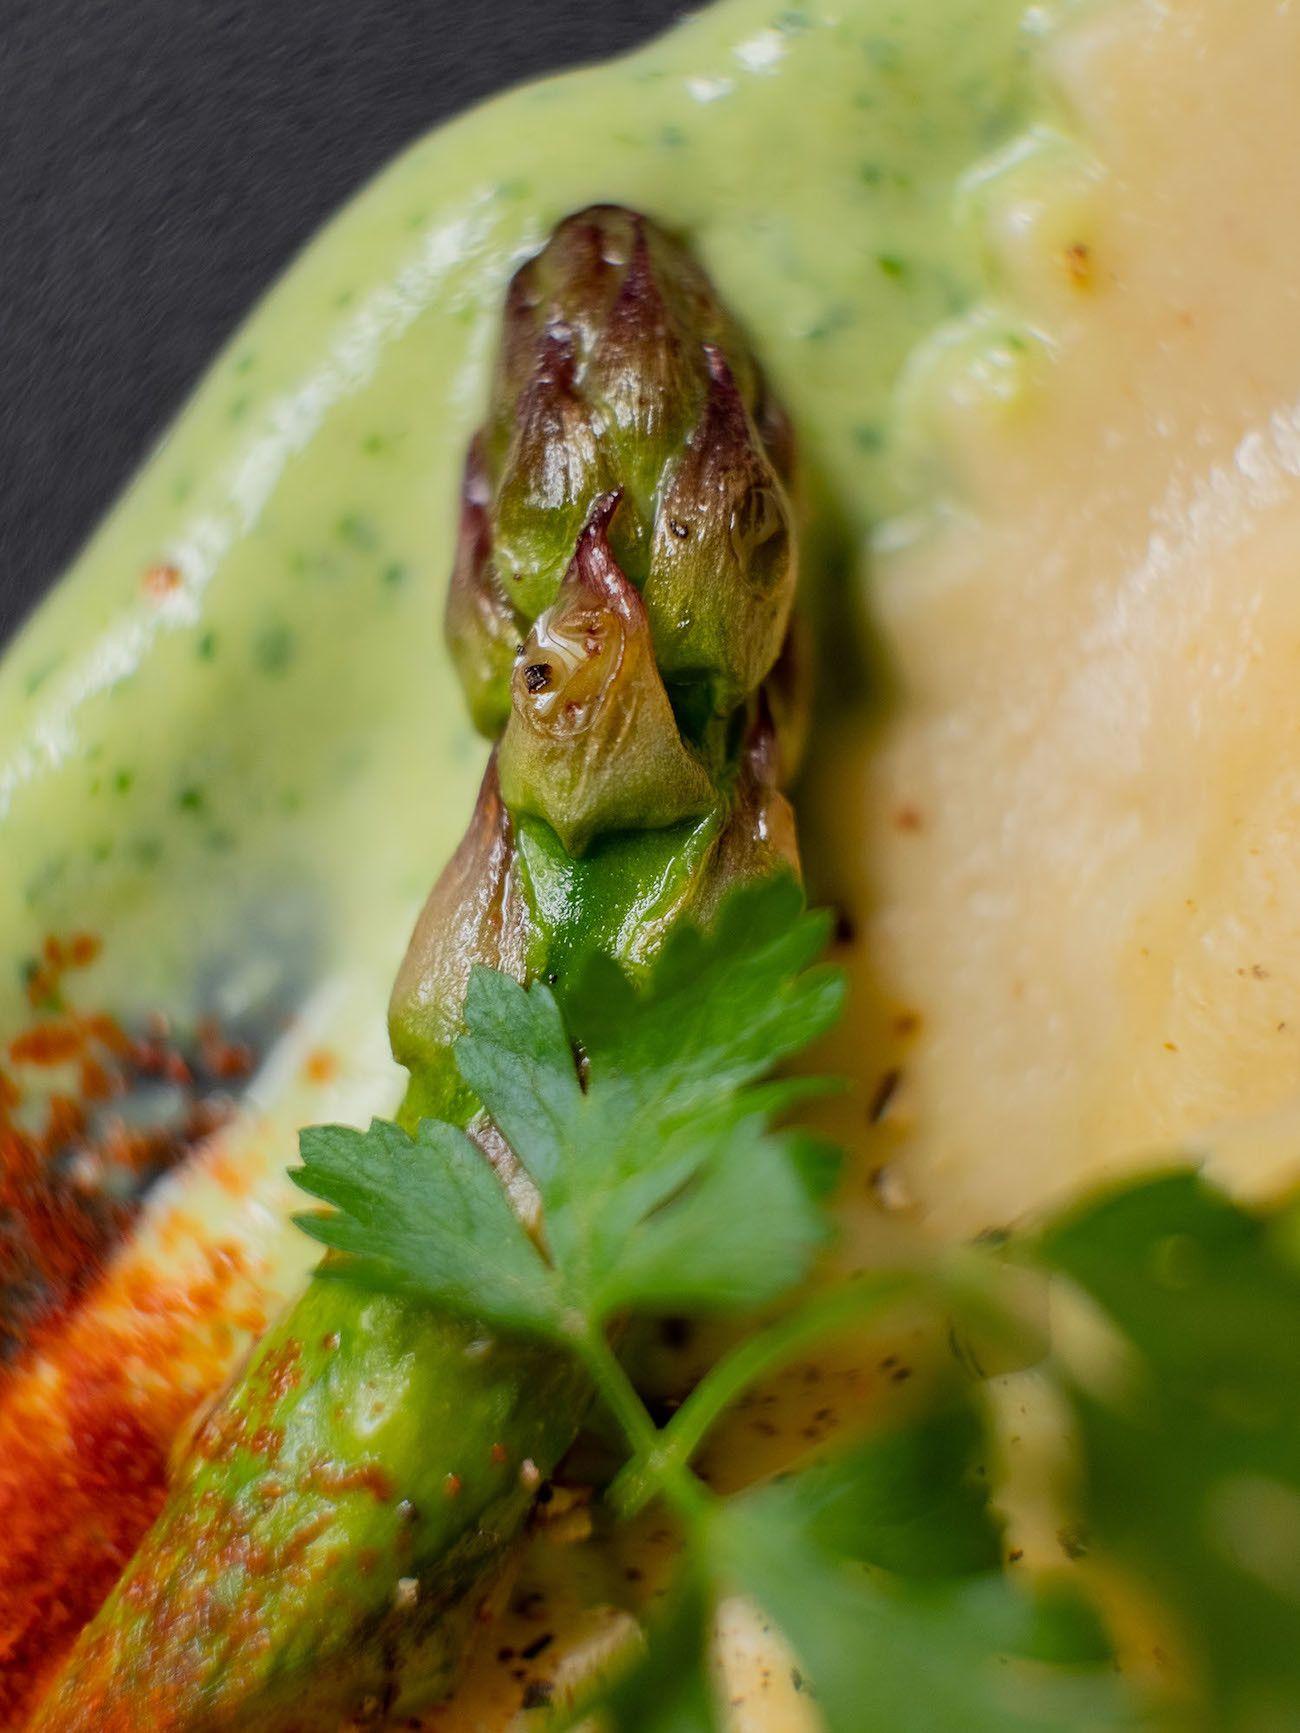 Foodblog, About Fuel, Rezept, Lachsravioli auf Spargel-Kräuter-Mayonnaise und Spargelspitzen, Grüner Spargel